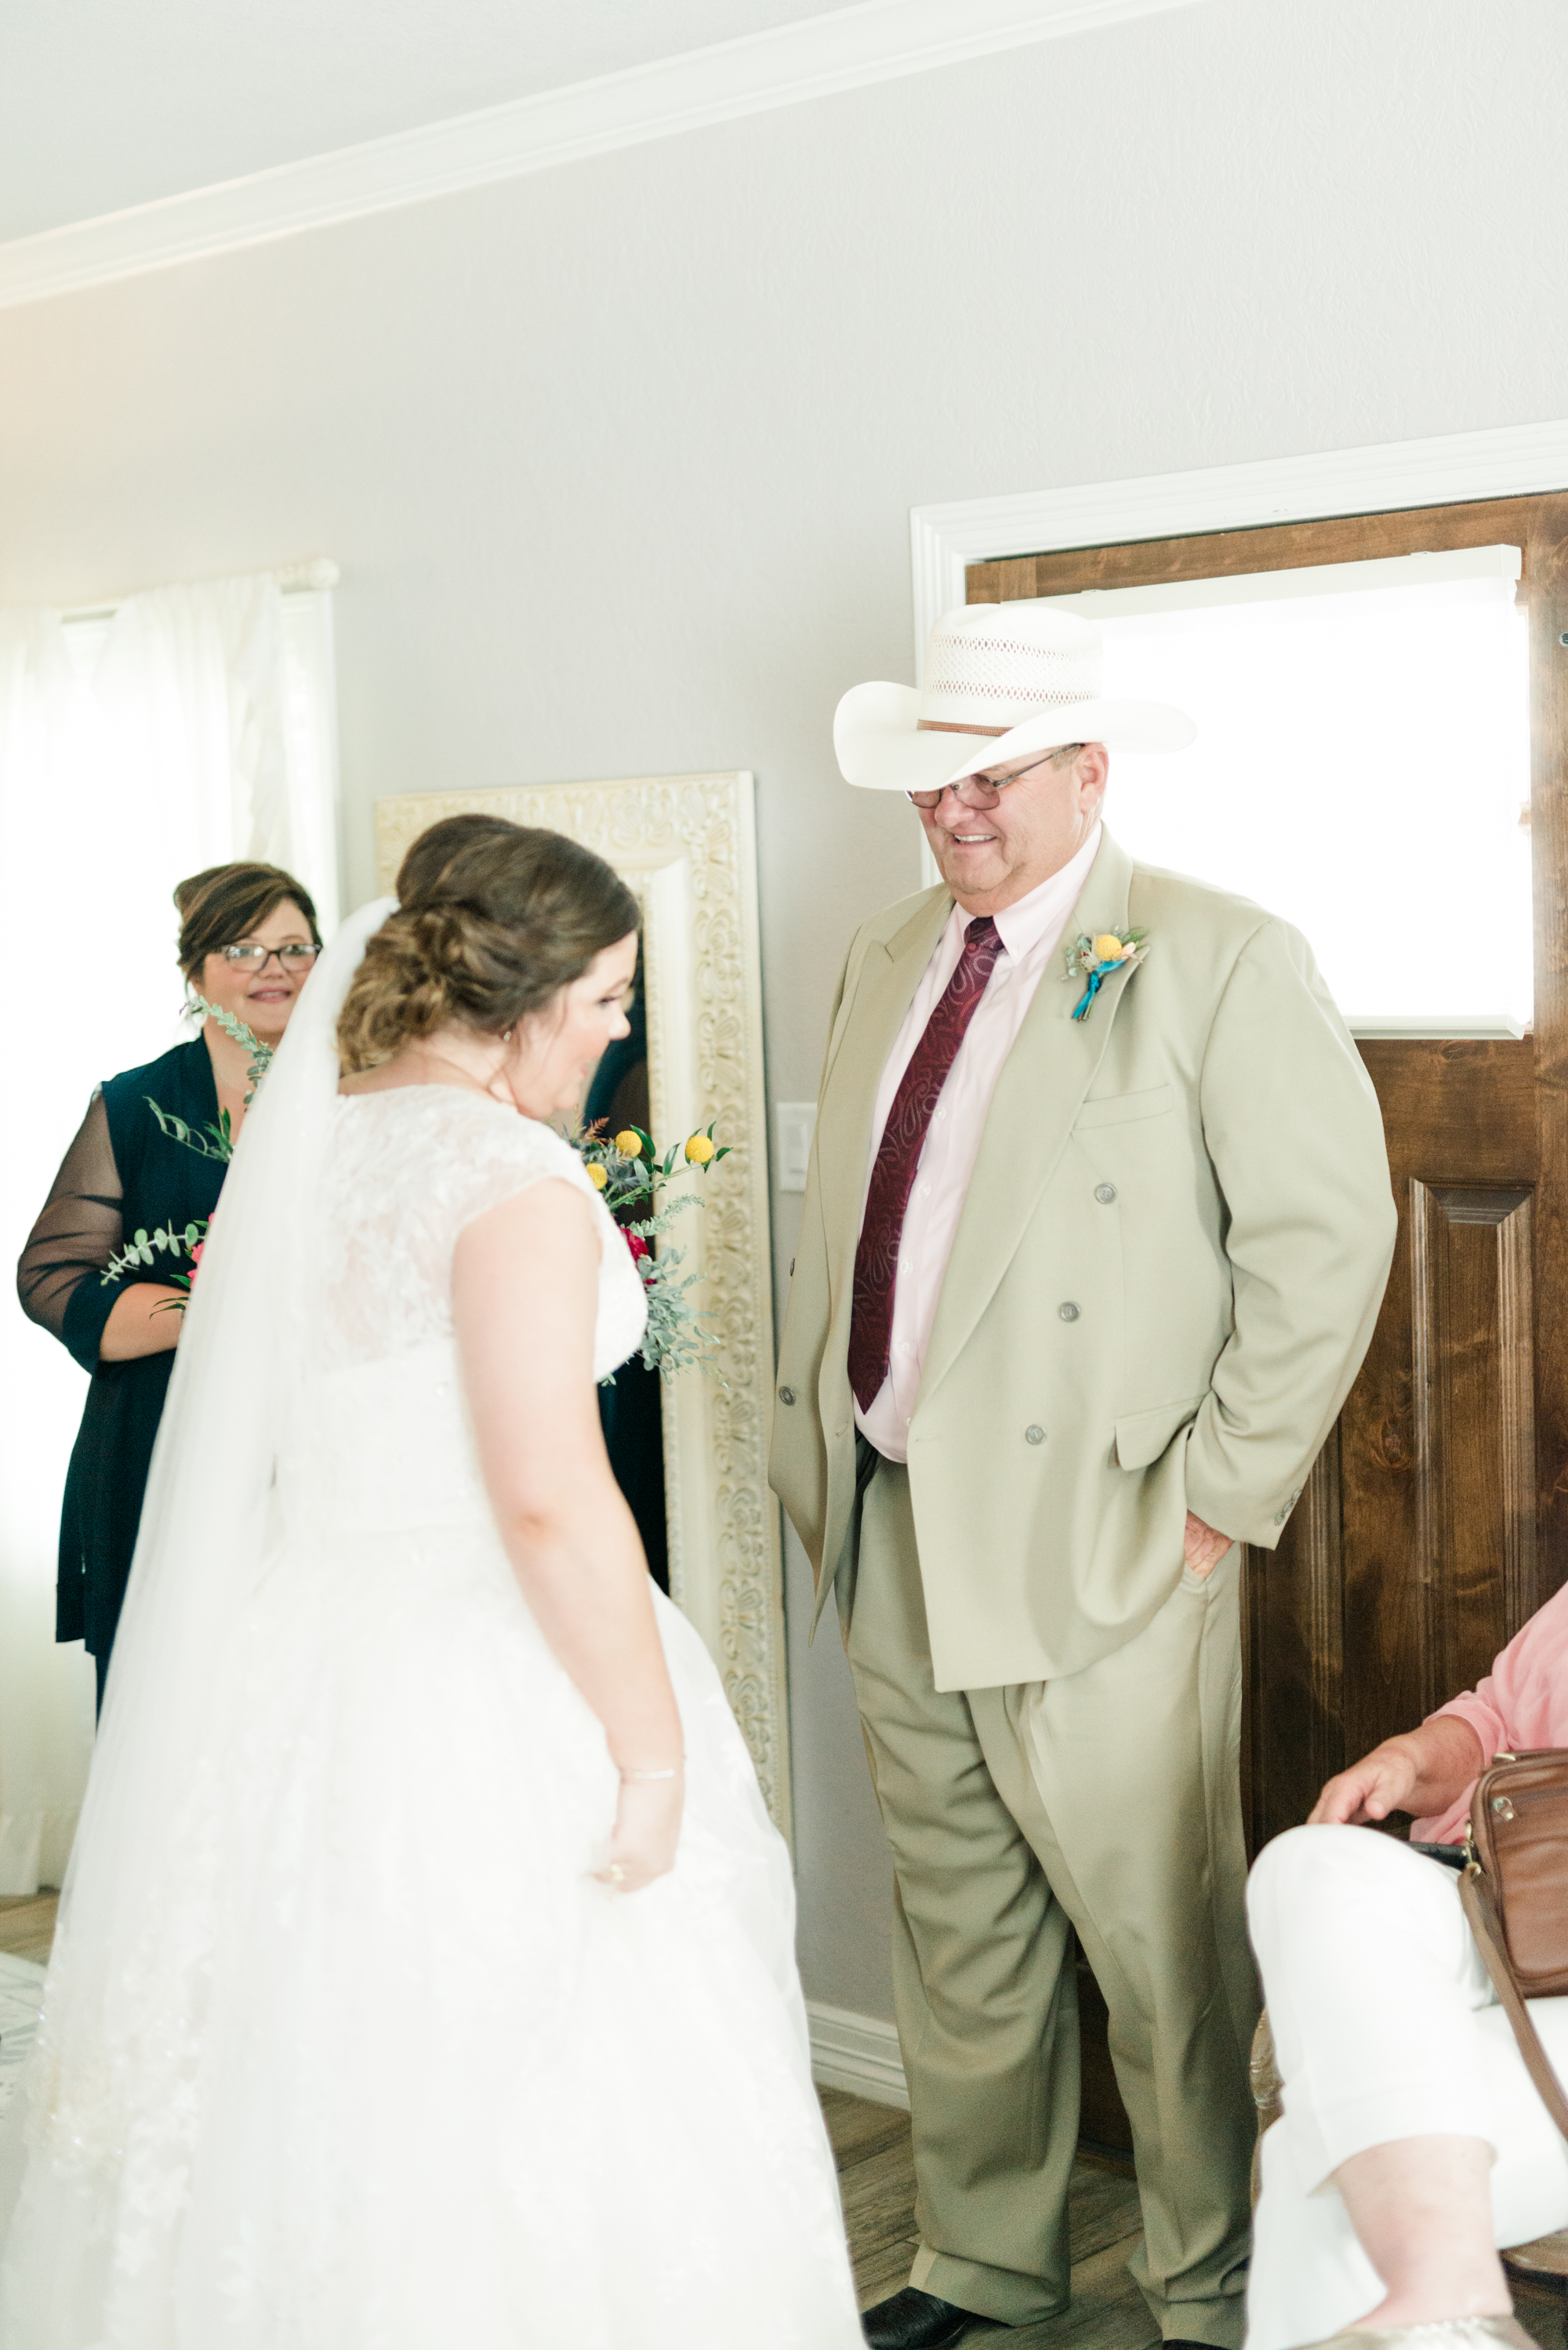 Wesley-Wedding-Ten23-Photography-303.jpg